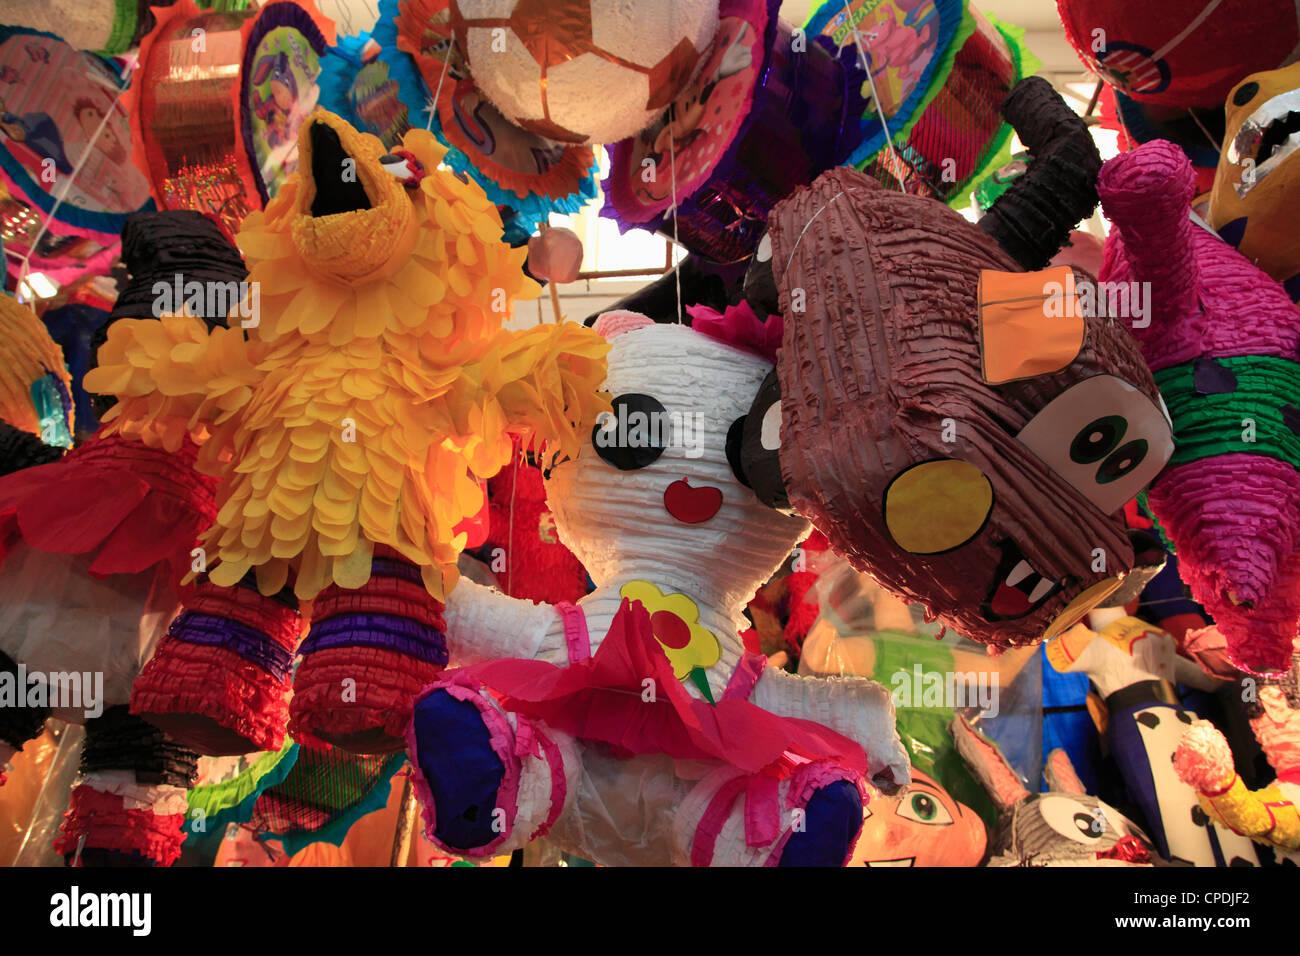 Pinatas, Market, Xochimilco, Mexico City, Mexico, North America - Stock Image